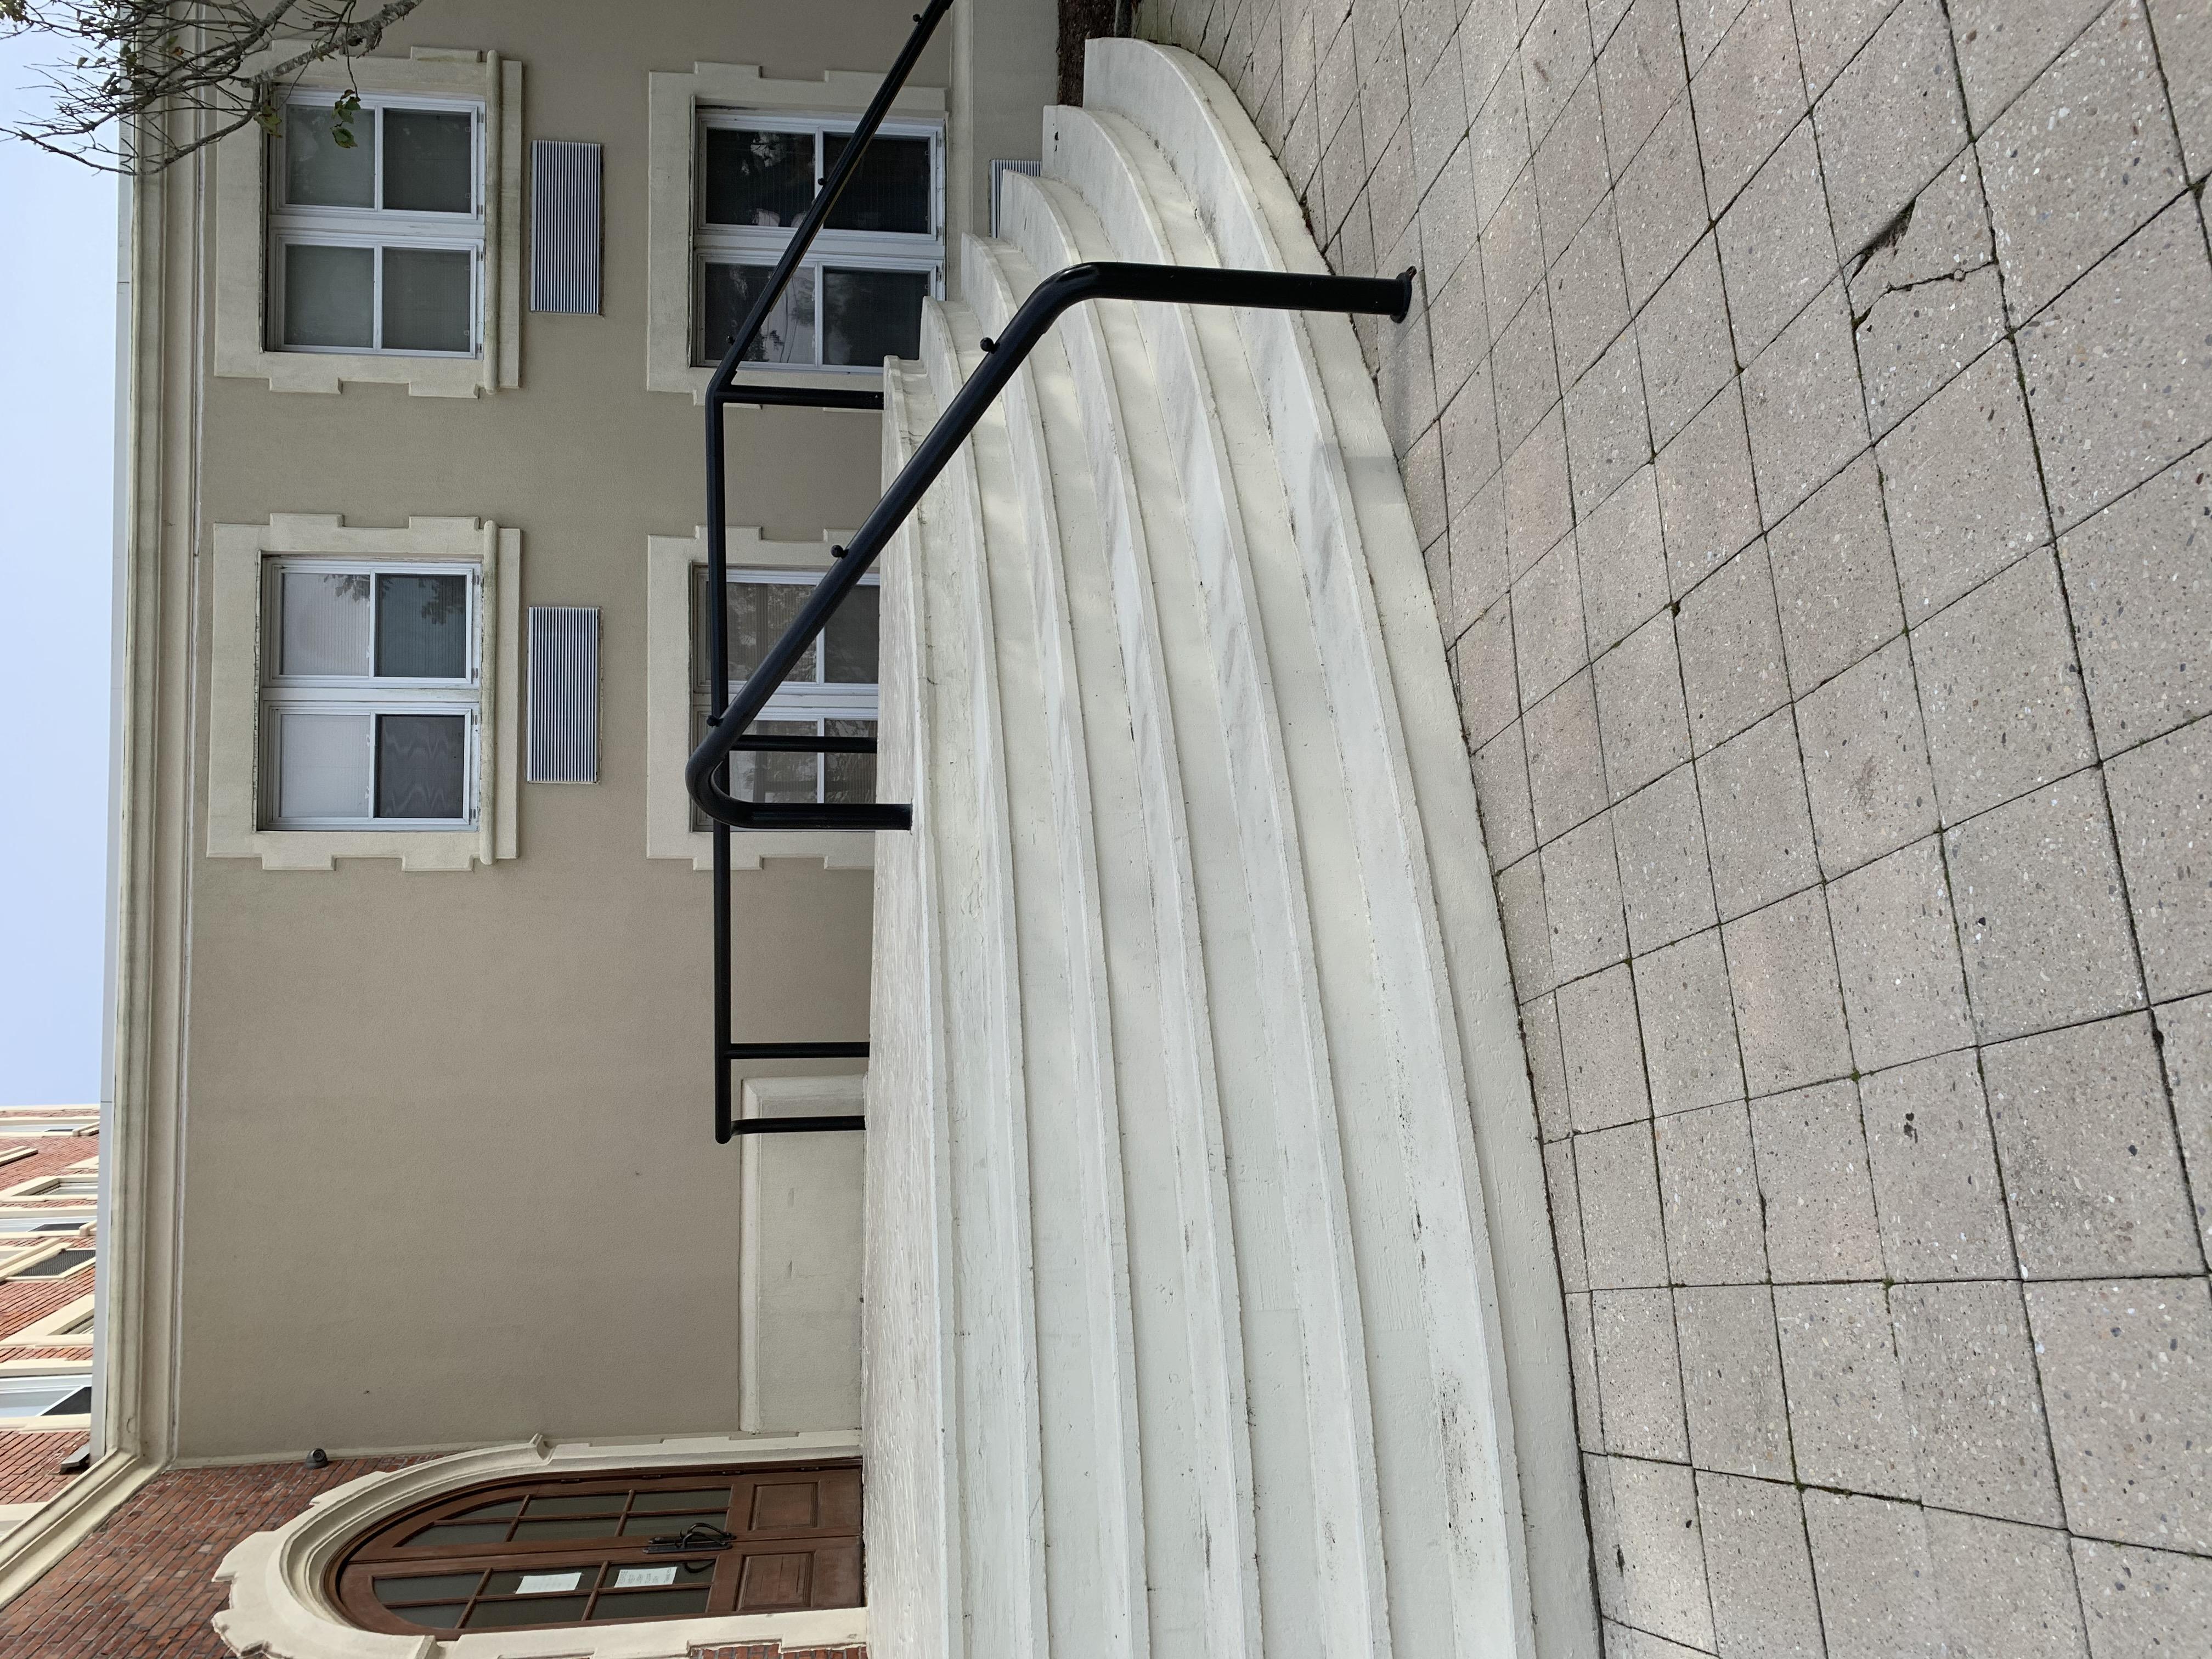 Montauk hotel 6 stair